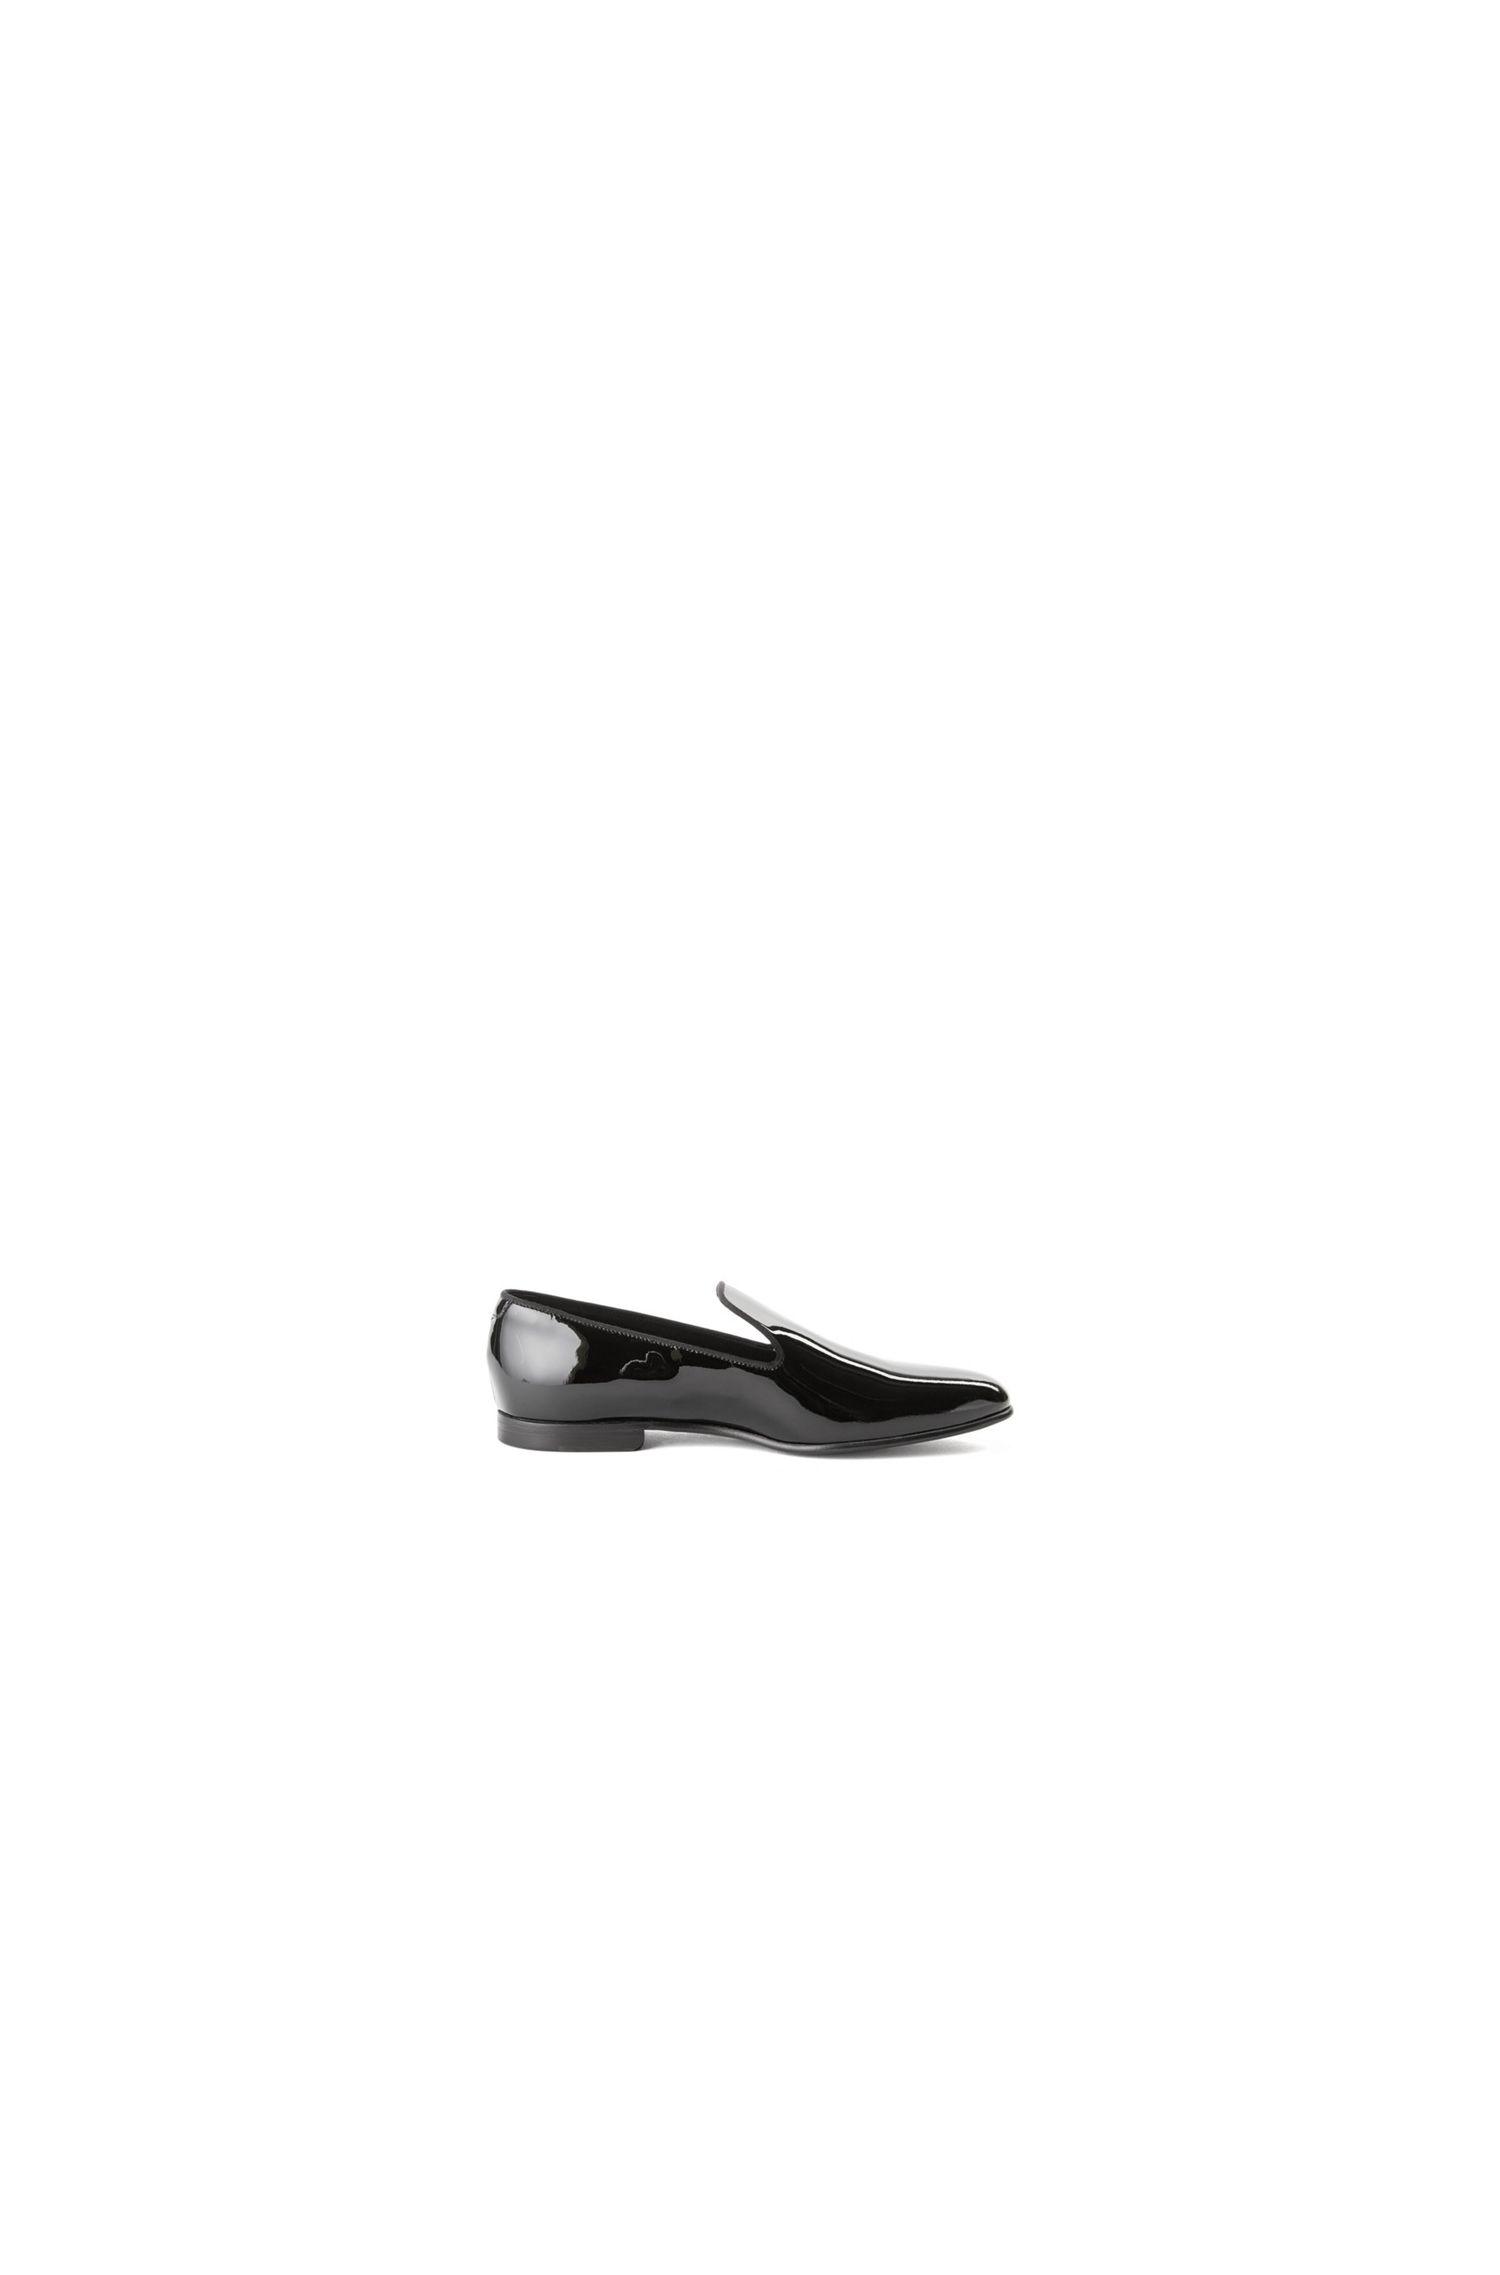 Zapatos sin cordones modernos en charol italiano